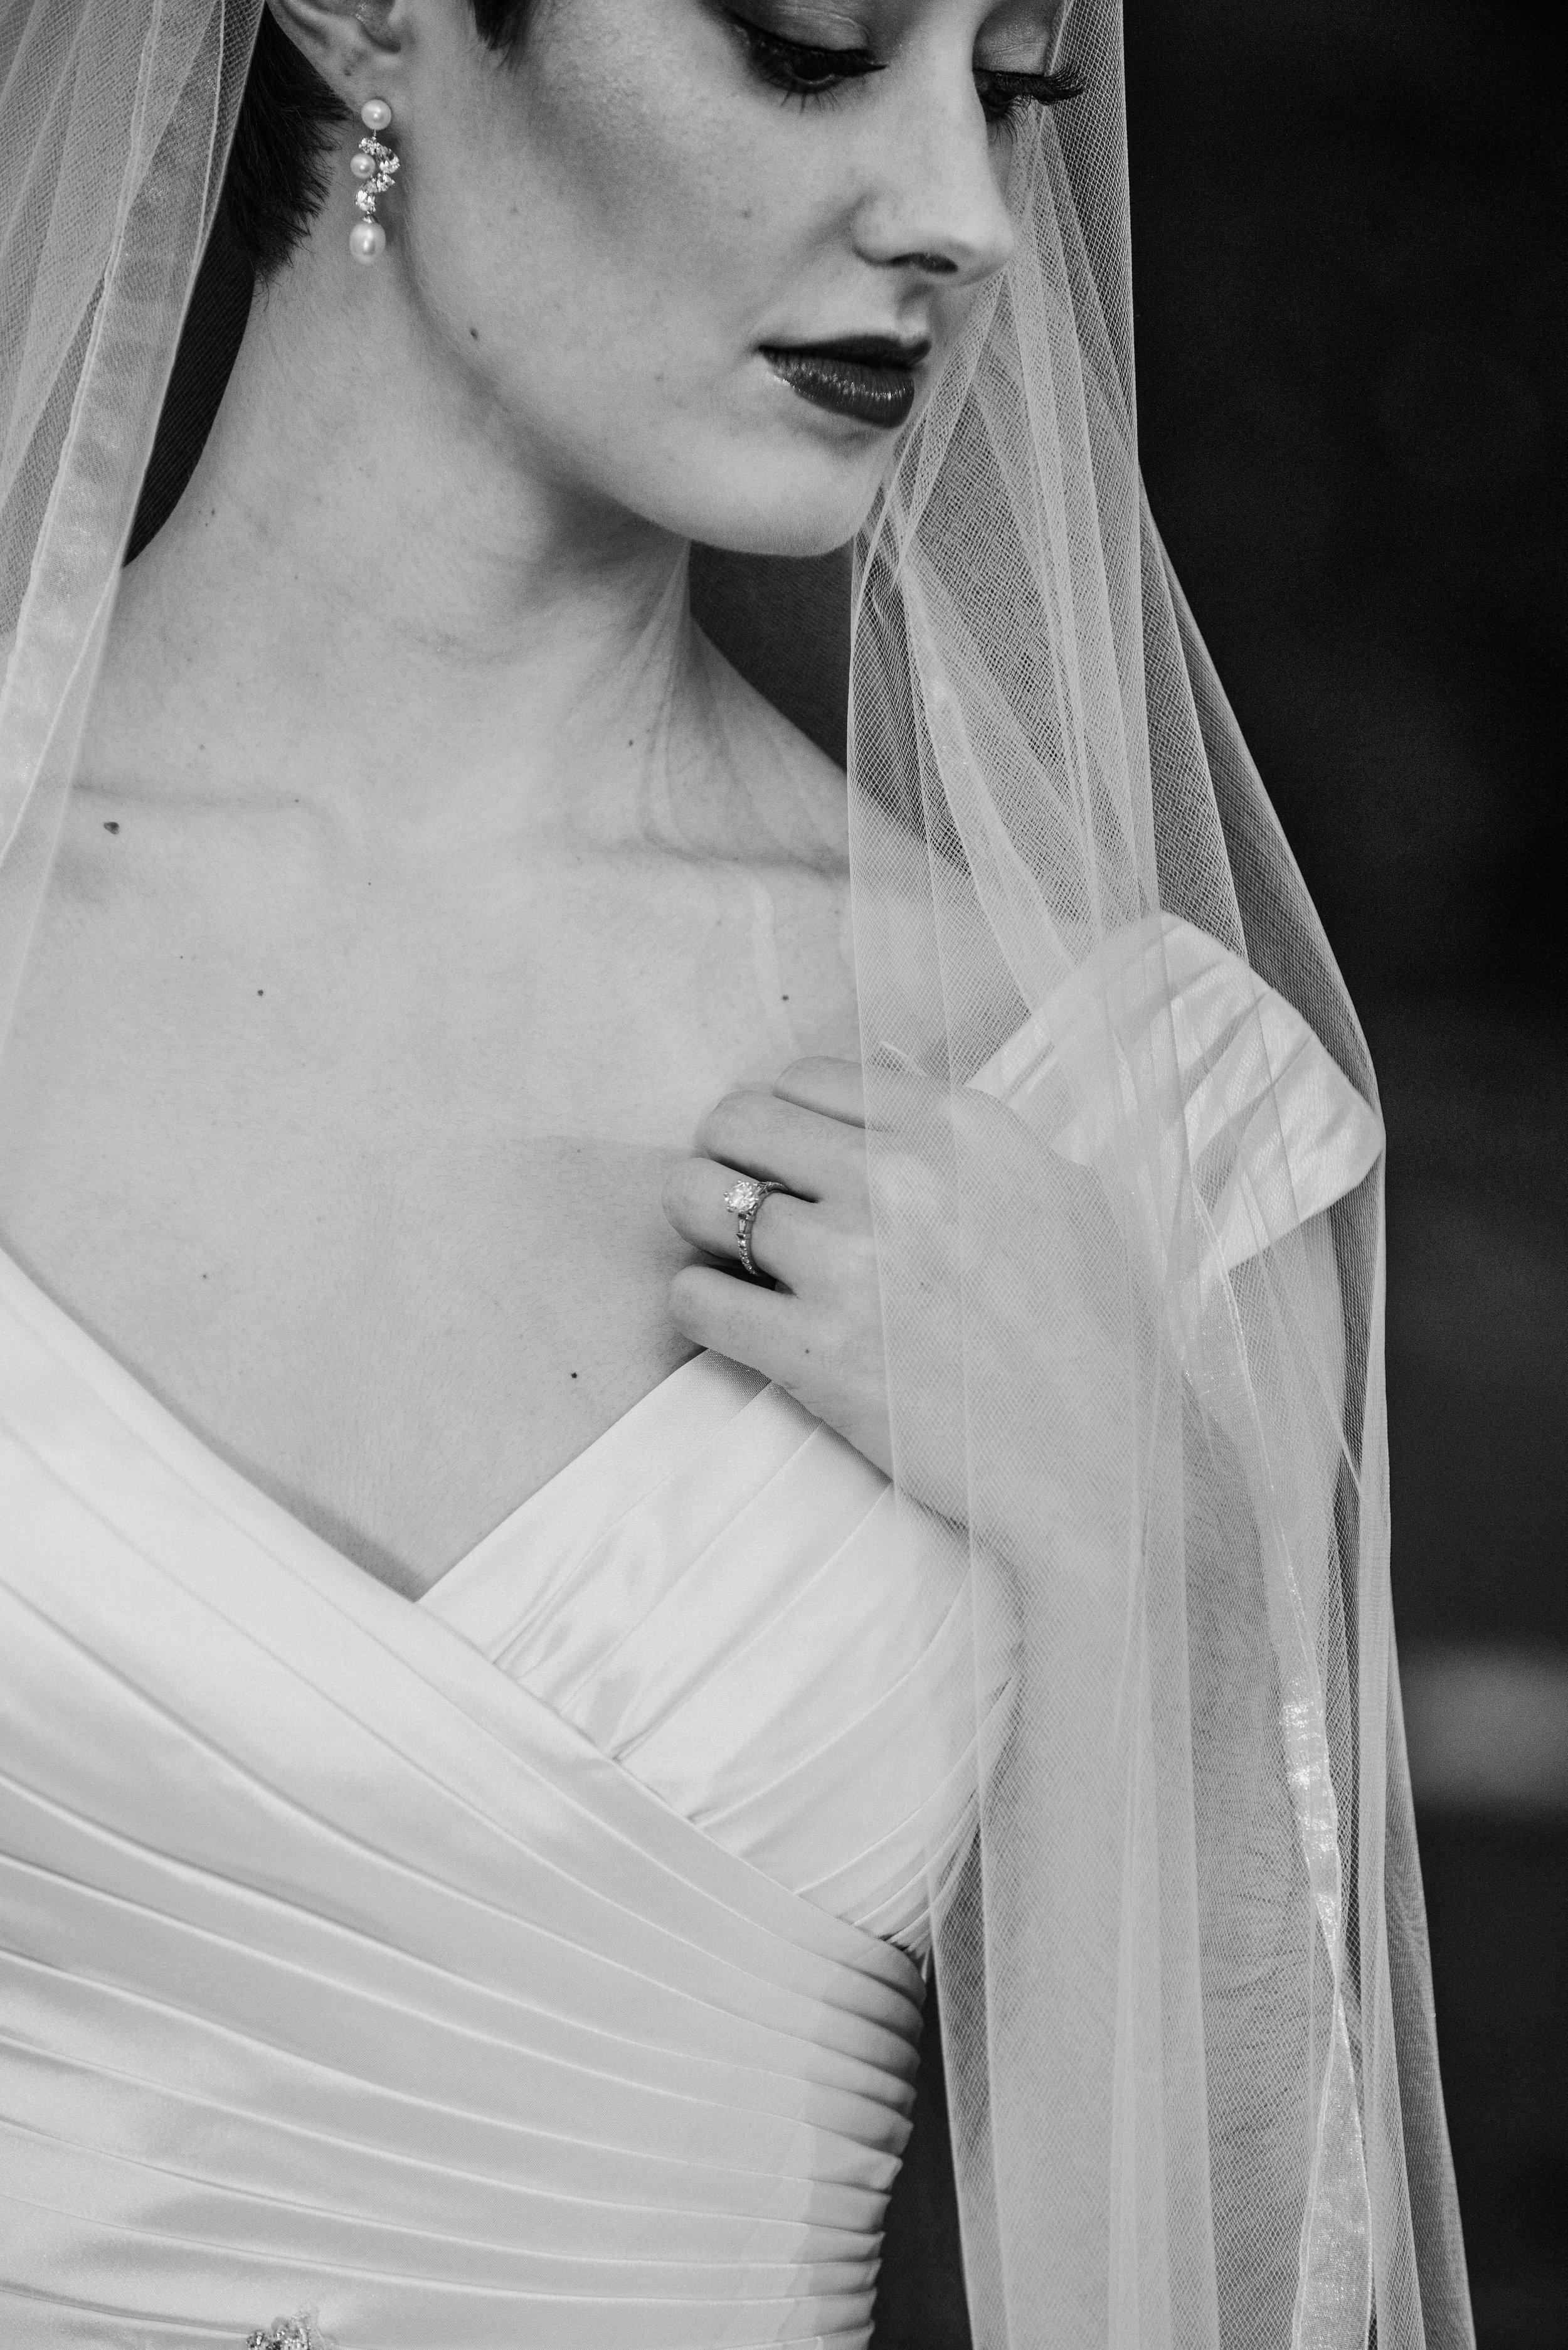 CarolineMerritt|Bridals|_ZBW_MiraPhotographs-57.jpg